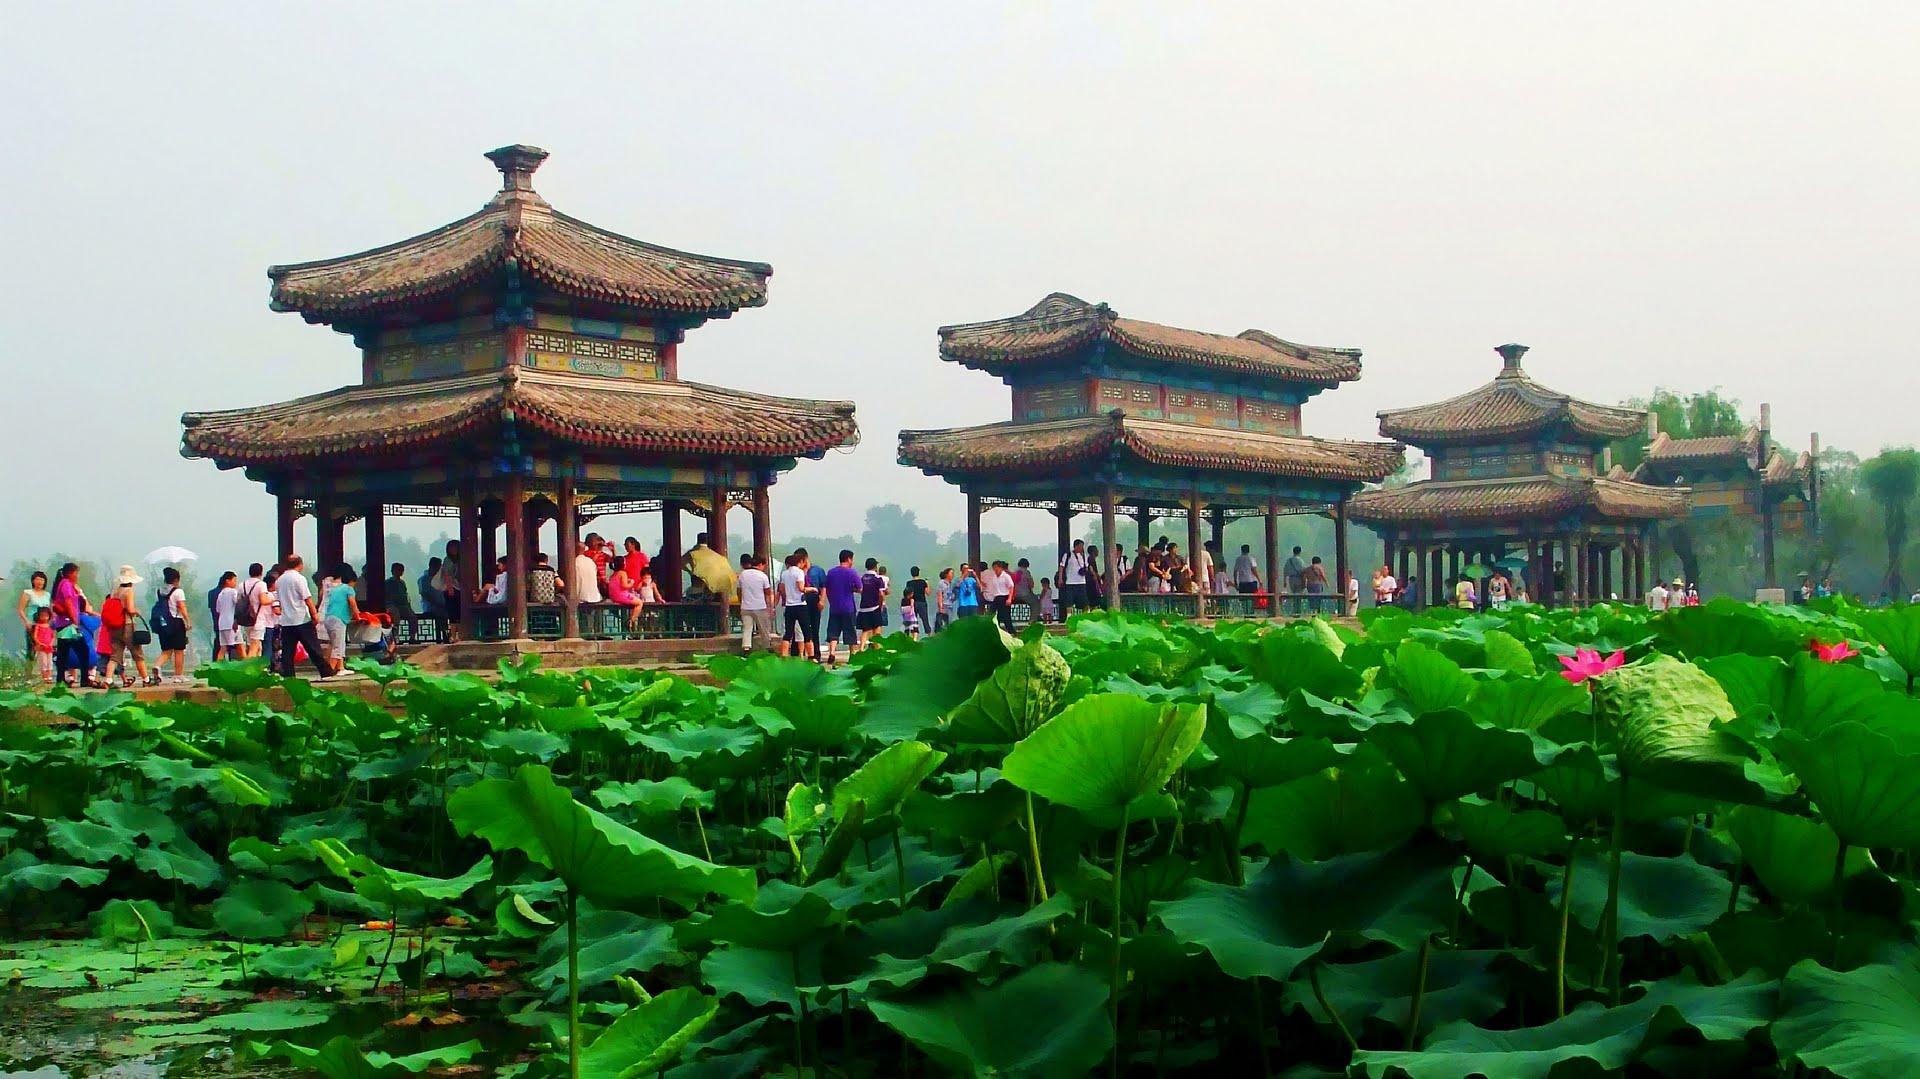 Летняя императорская усадьба в Чендэ, провинция Хэбэй